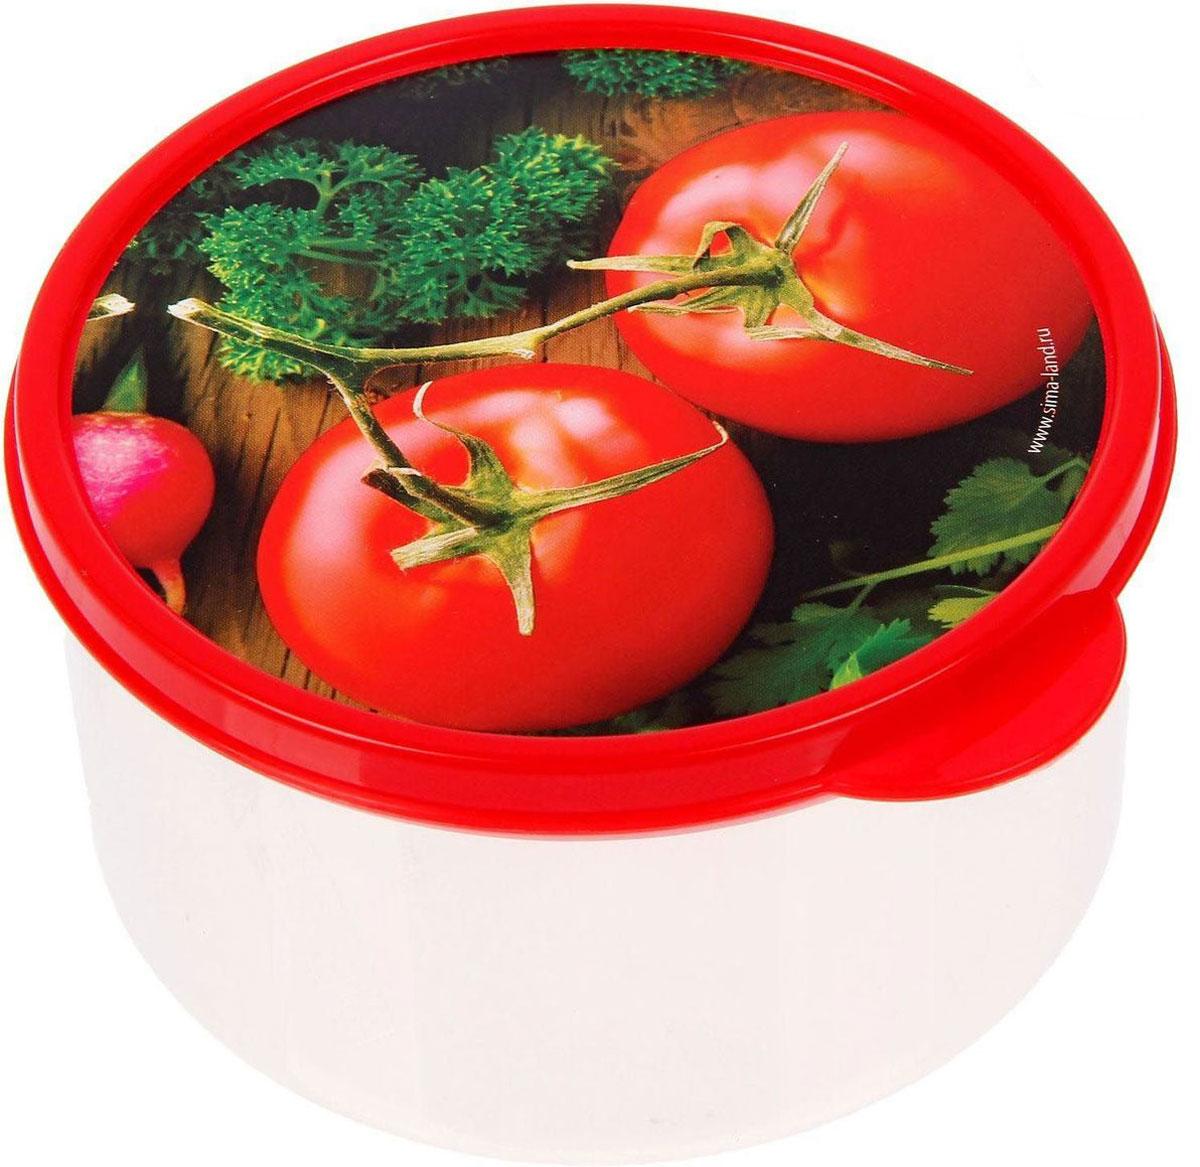 Ланч-бокс Доляна №4, круглый, 500 млVT-1520(SR)Если после вкусного обеда осталась еда, а насладиться трапезой хочется и на следующий день, ланч-бокс станет отличным решением данной проблемы!Такой контейнер является незаменимым предметом кухонной утвари, ведь у него много преимуществ:Простота ухода. Ланч-бокс достаточно промыть тёплой водой с небольшим количеством чистящего средства, и он снова готов к использованию.Вместительность. Большой выбор форм и объёма поможет разместить разнообразные продукты от сахара до супов.Эргономичность. Ланч-боксы очень легко хранить даже в самой маленькой кухне, так как их можно поставить один в другой по принципу матрёшки.Многофункциональность. Разнообразие цветов и форм делает возможным использование контейнеров не только на кухне, но и в других областях домашнего быта.Любители приготовления обеда на всю семью в большинстве случаев приобретают ланч-боксы наборами, так как это позволяет рассортировать продукты по всевозможным признакам. К тому же контейнеры среднего размера станут незаменимыми помощниками на работе: ведь что может быть приятнее, чем порадовать себя во время обеда прекрасной едой, заботливо сохранённой в контейнере?В качестве материала для изготовления используется пластик, что делает процесс ухода за контейнером ещё более эффективным. К каждому ланч-боксу в комплекте также прилагается крышка подходящего размера, это позволяет плотно и надёжно удерживать запах еды и упрощает процесс транспортировки.Однако рекомендуется соблюдать и меры предосторожности: не использовать пластиковые контейнеры в духовых шкафах и на открытом огне, а также не разогревать в микроволновых печах при закрытой крышке ланч-бокса. Соблюдение мер безопасности позволит продлить срок эксплуатации и сохранить отличный внешний вид изделия.Эргономичный дизайн и многофункциональность таких контейнеров — вот, что является причиной большой популярности данного предмета у каждой хозяйки. А в преддверии лета и дачного сезона такое приобретение позволит по